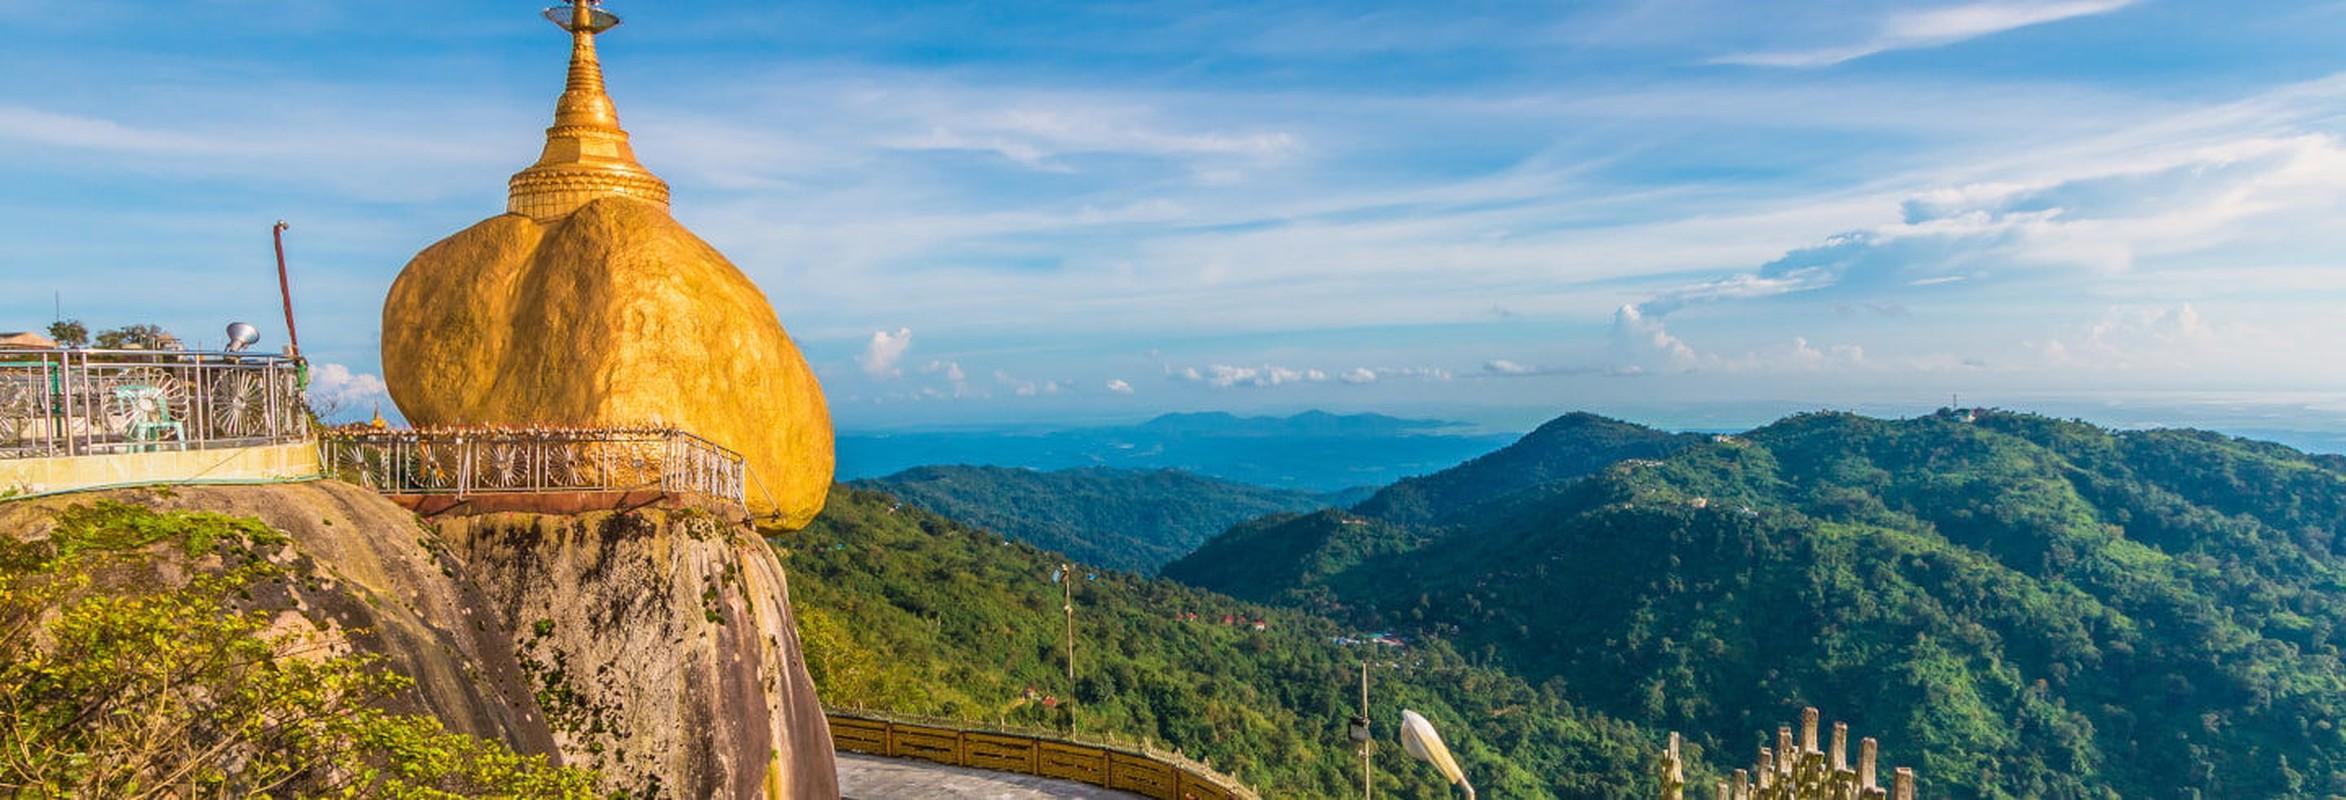 Ngoi chua o Myanmar gan lien giai thoai ve toc cua Duc Phat-Hinh-3